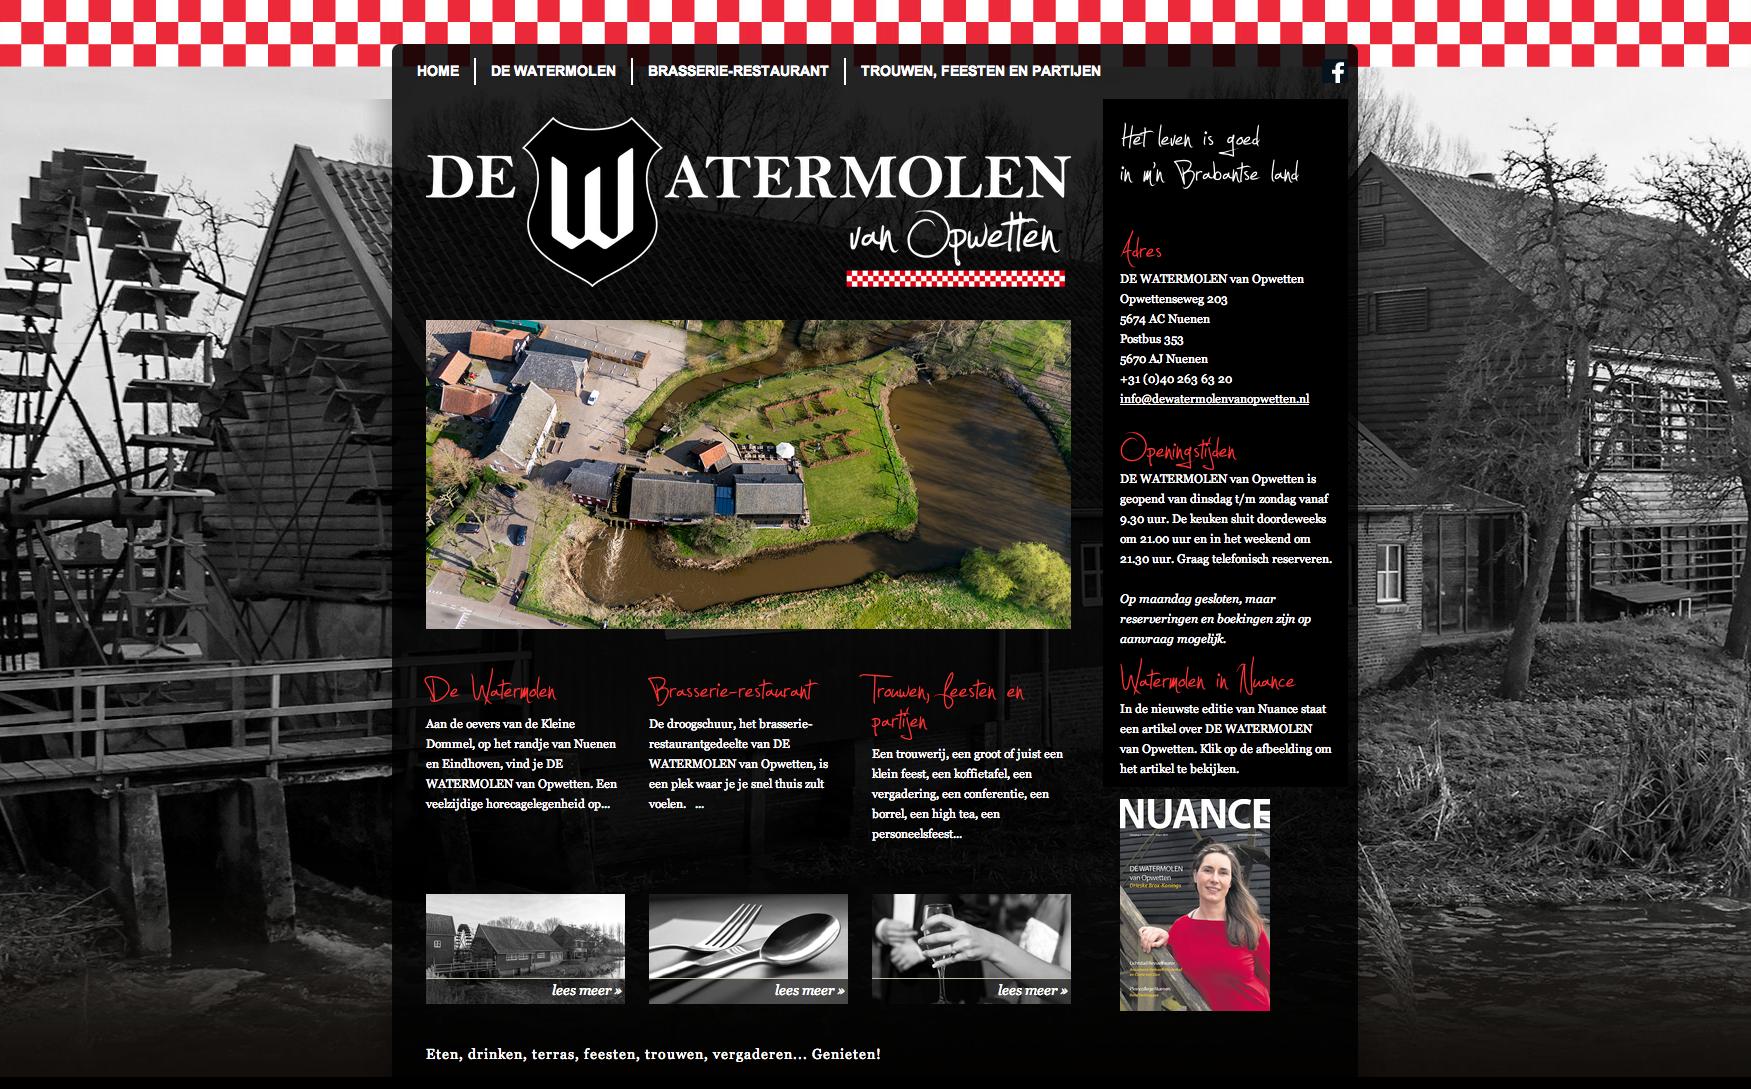 DE WATERMOLEN van Opwetten - homepage